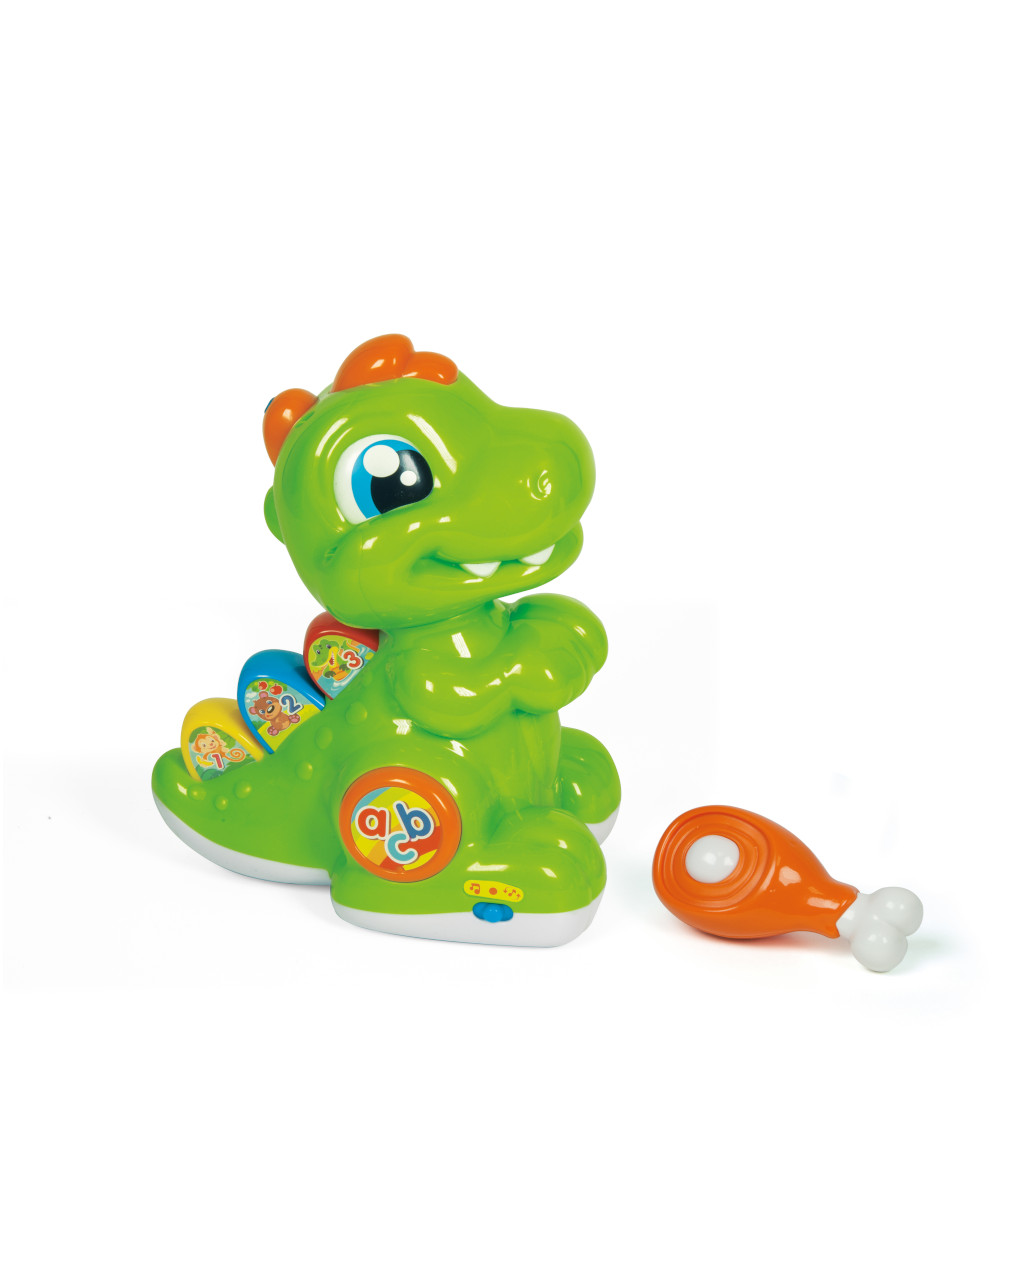 Baby clementoni - dentino dinosauro birichino - Clementoni